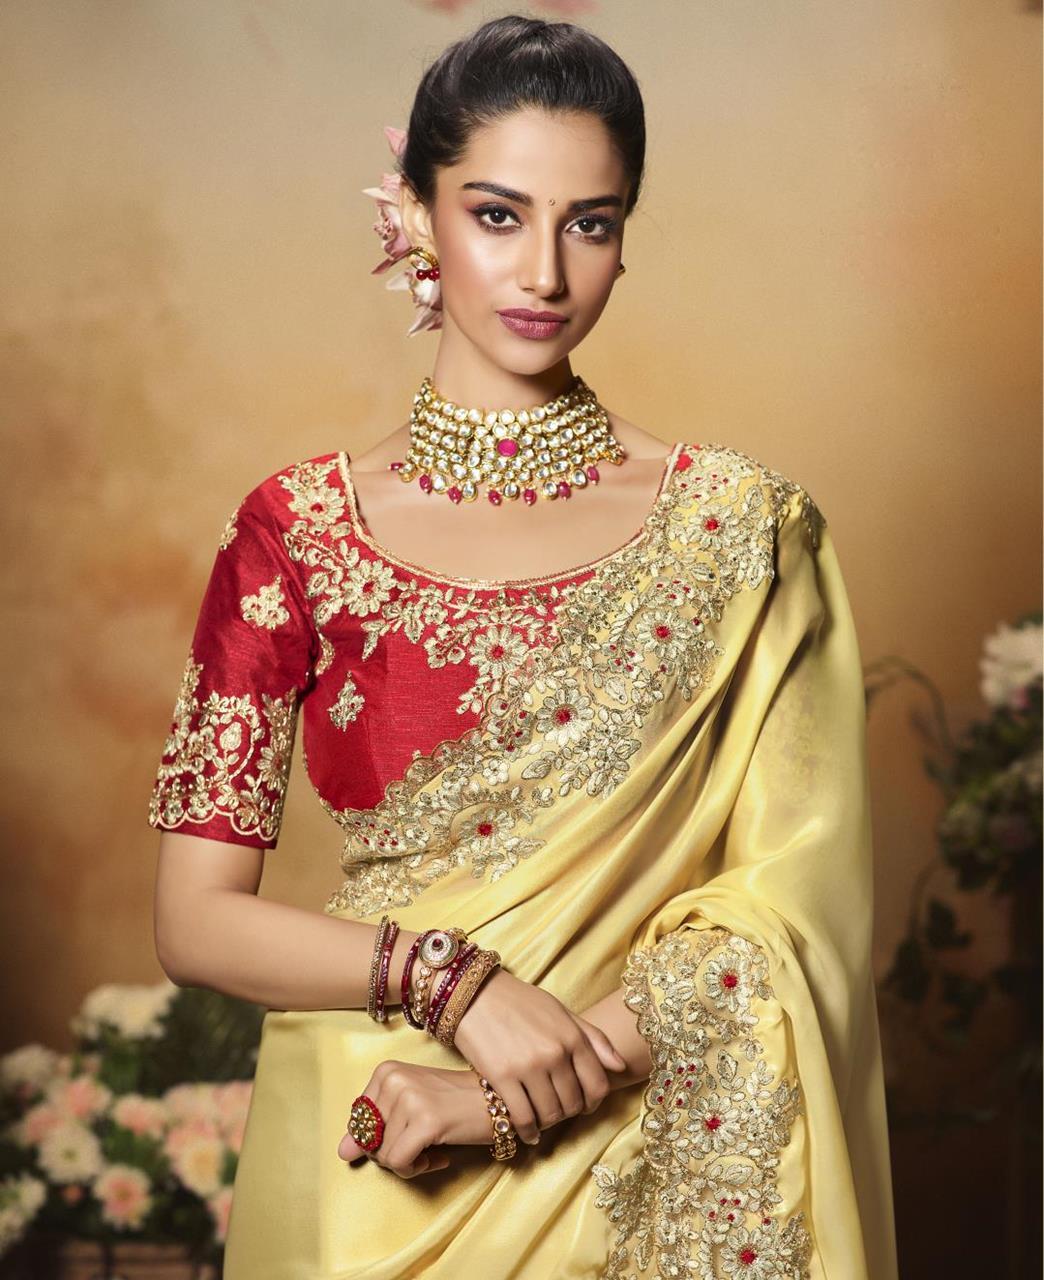 Satin Saree in Light Cream